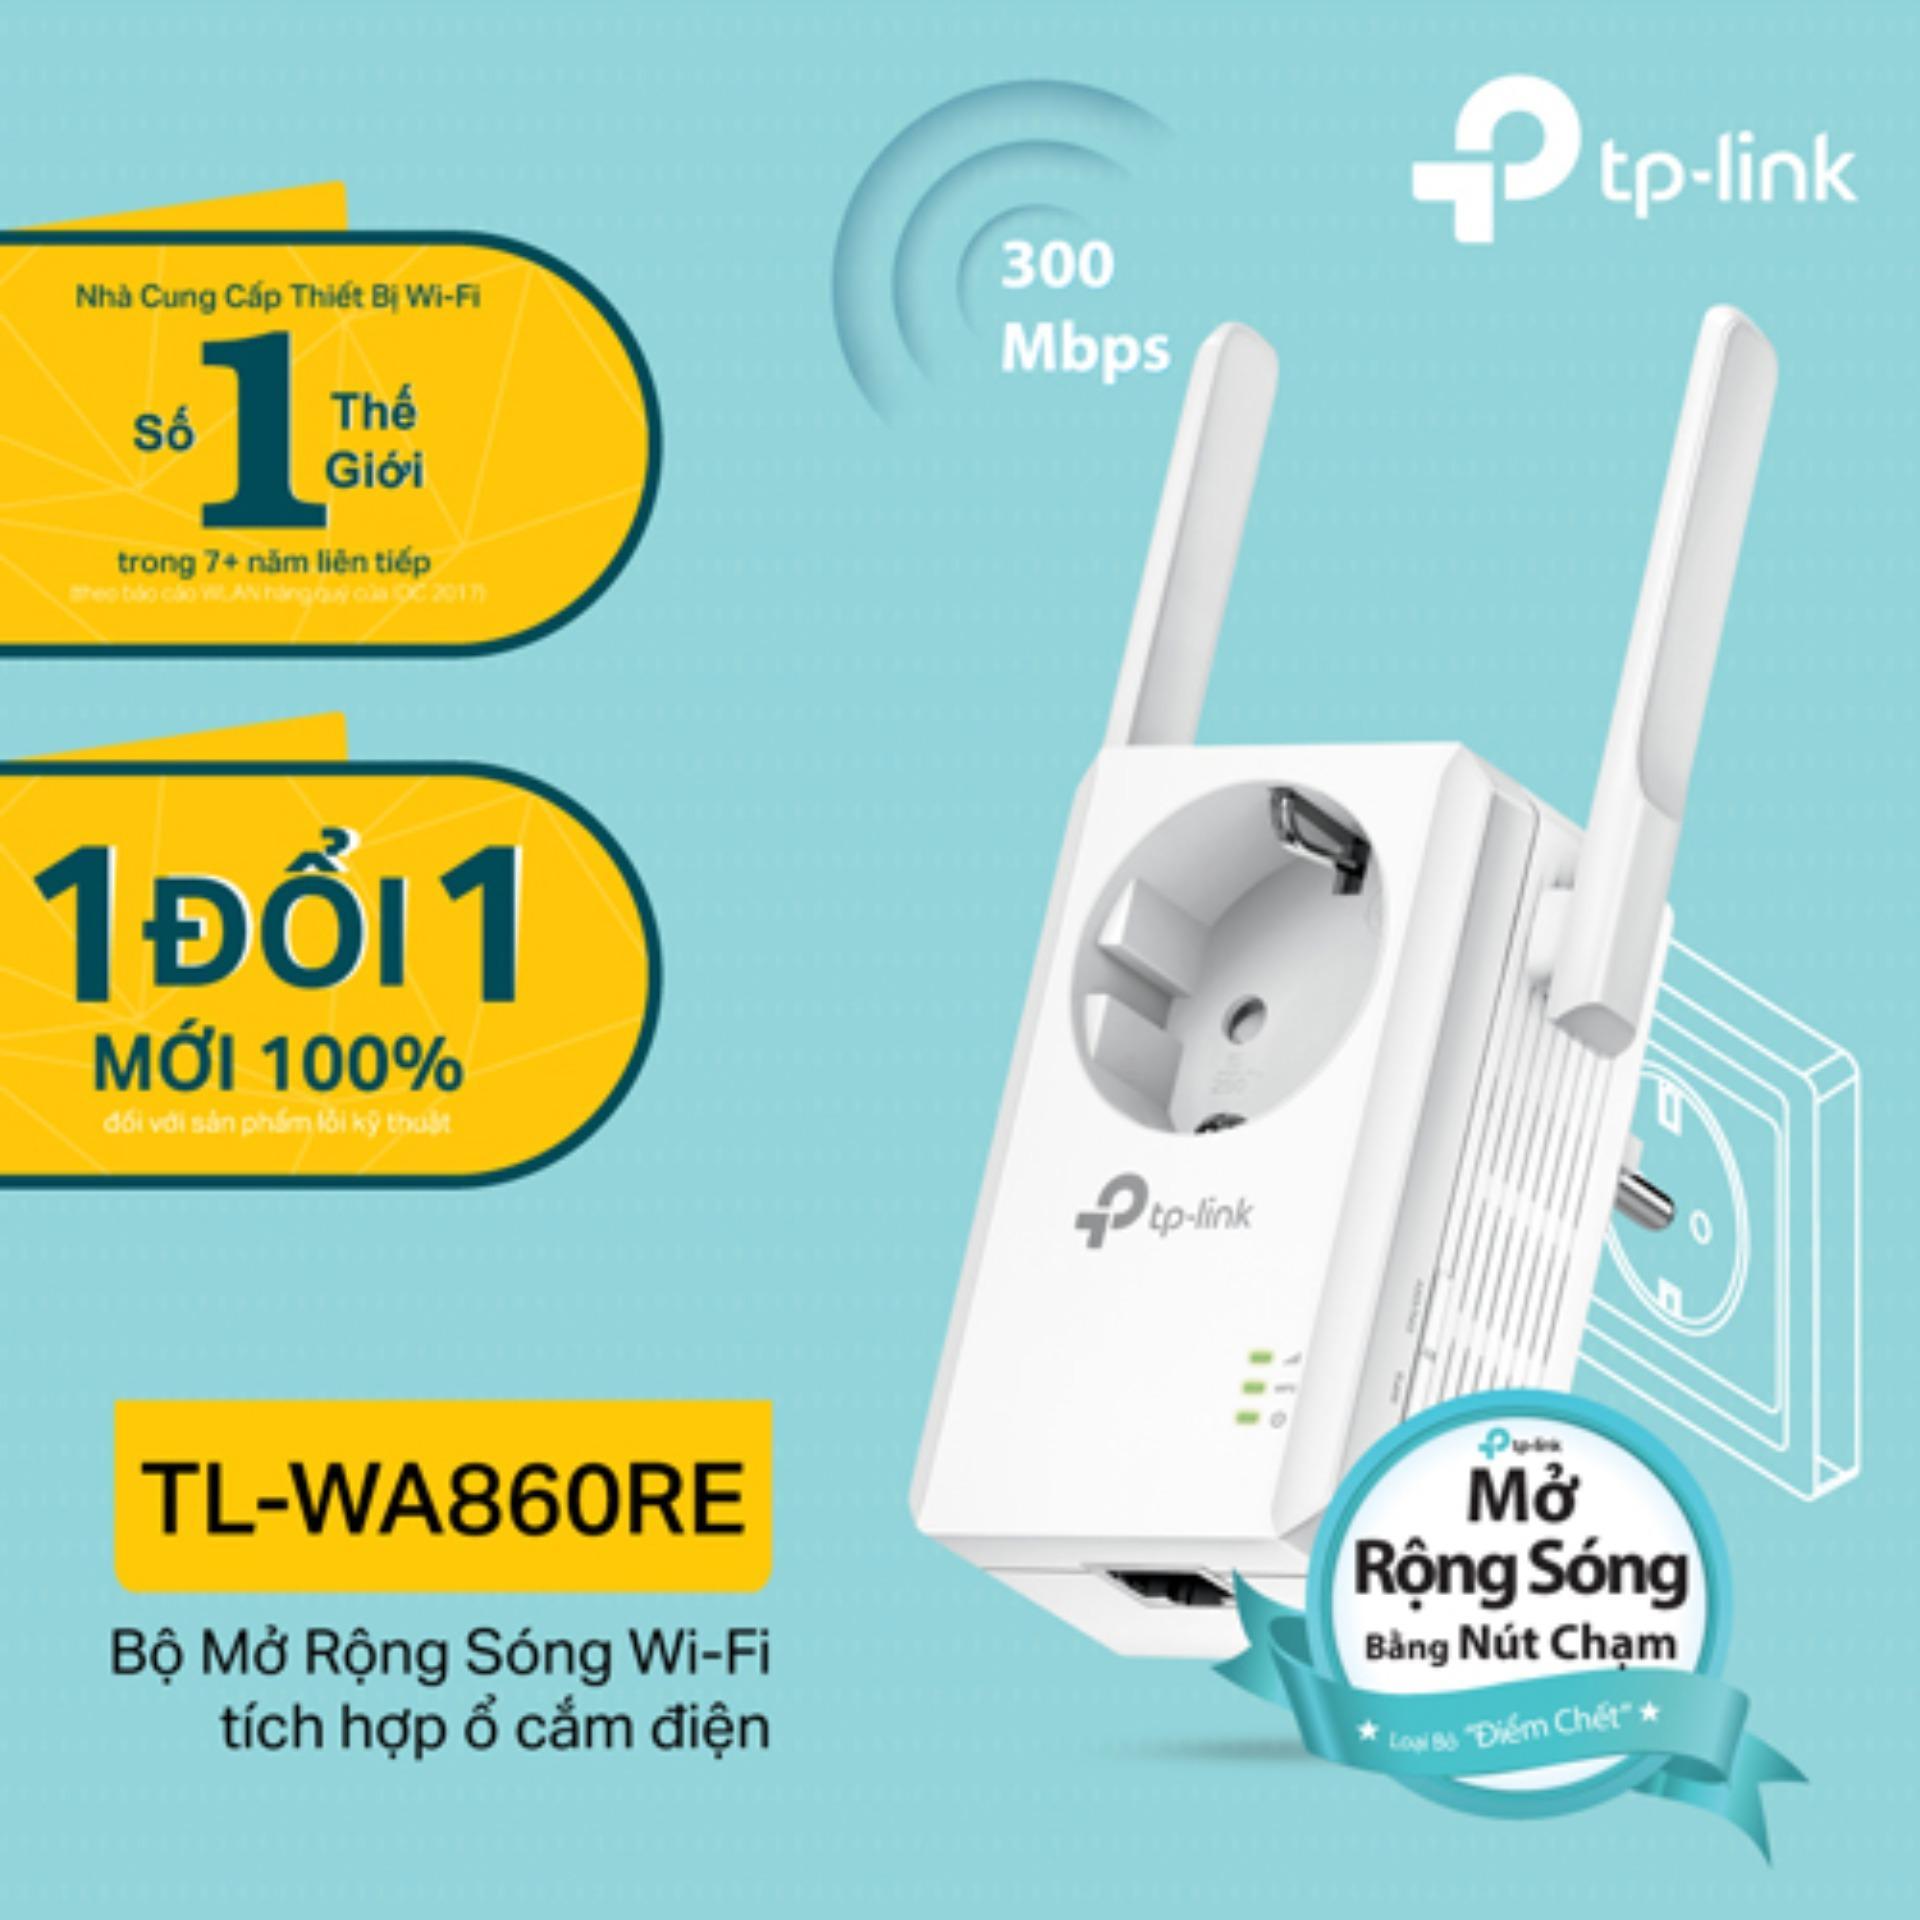 Bán Mua Tp Link Tl Wa860Re Bộ Mở Rộng Song Wifi Chuẩn N 300Mbps Tich Hợp Ổ Cắm Điện Hang Phan Phối Chinh Thức Mới Hồ Chí Minh